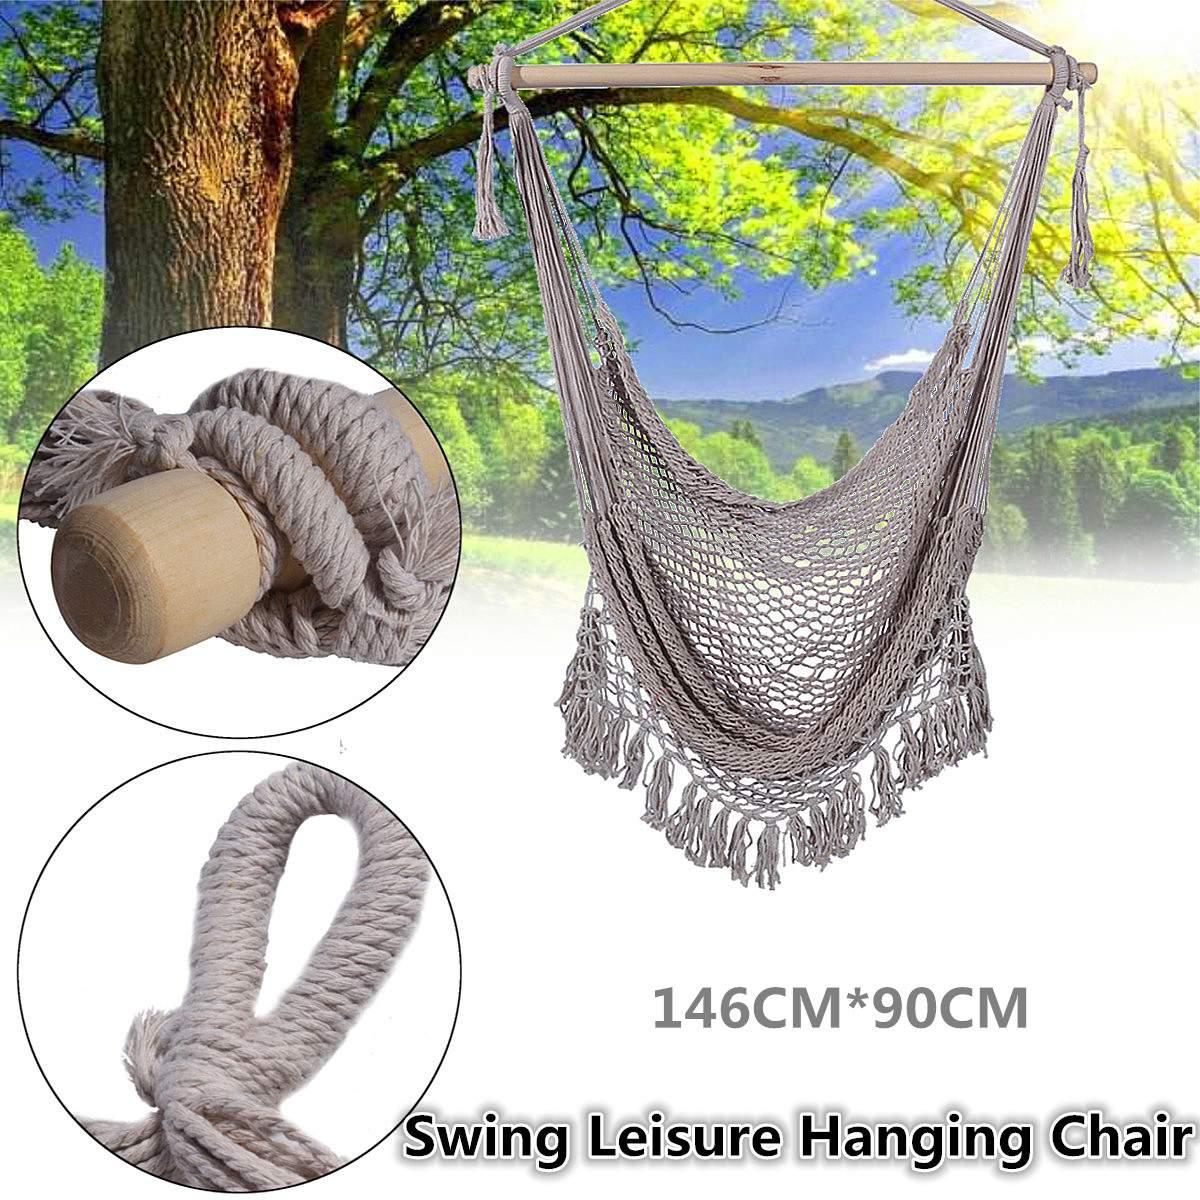 Hamac extérieur chaise chaises suspendues balançoire coton corde Net balançoire berceaux enfants adultes Ba cony jardin intérieur voyage Portable chaud